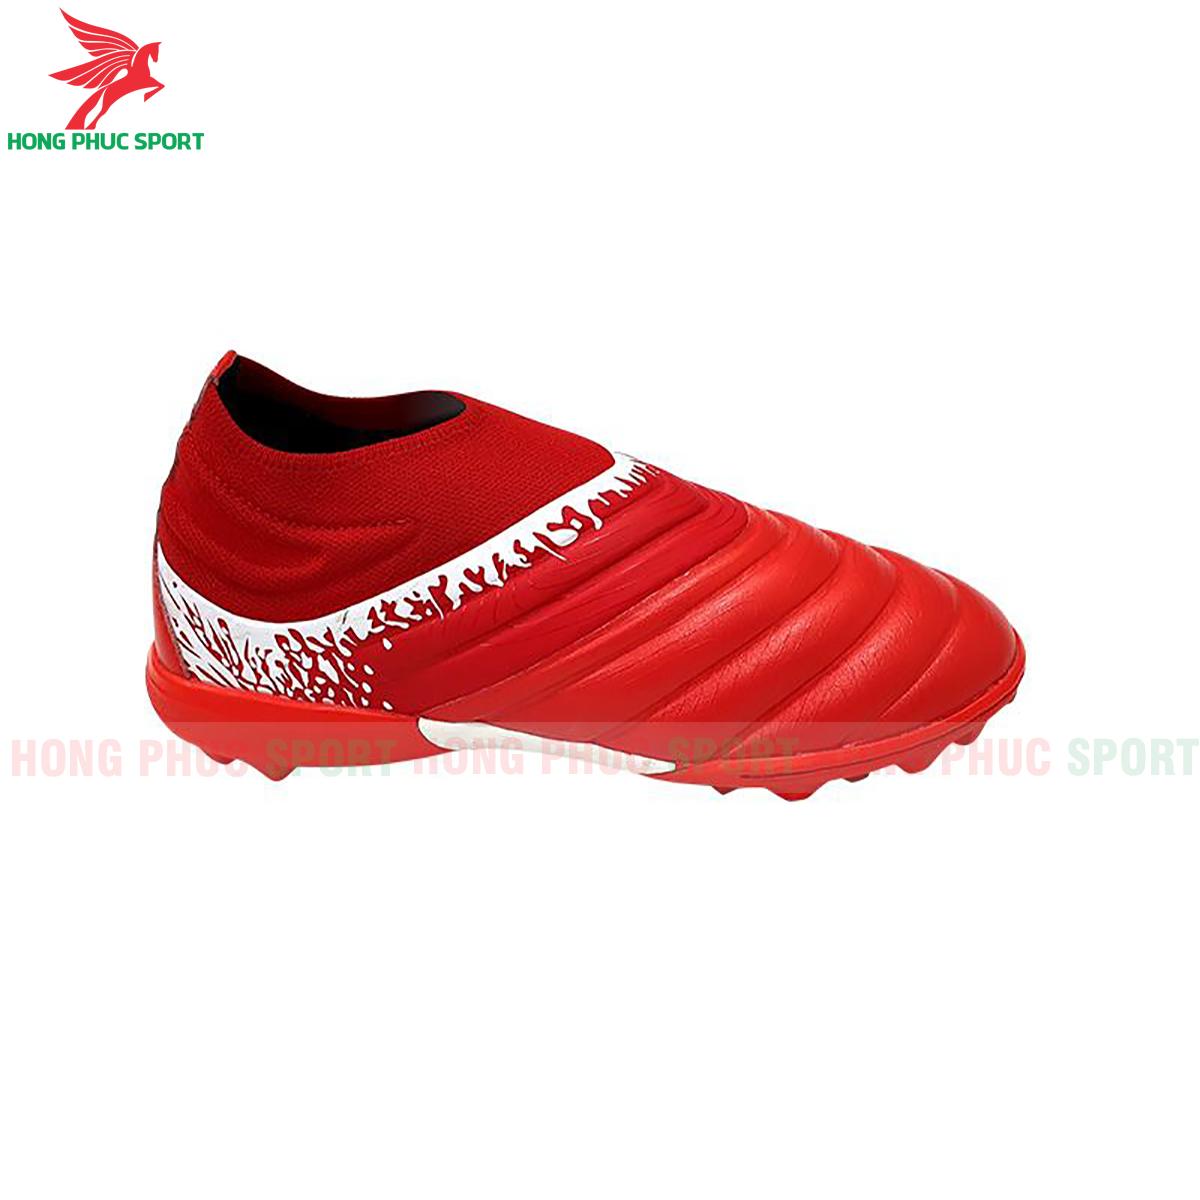 Giày Mira Winner sân cỏ nhân tạo màu đỏ (phải)